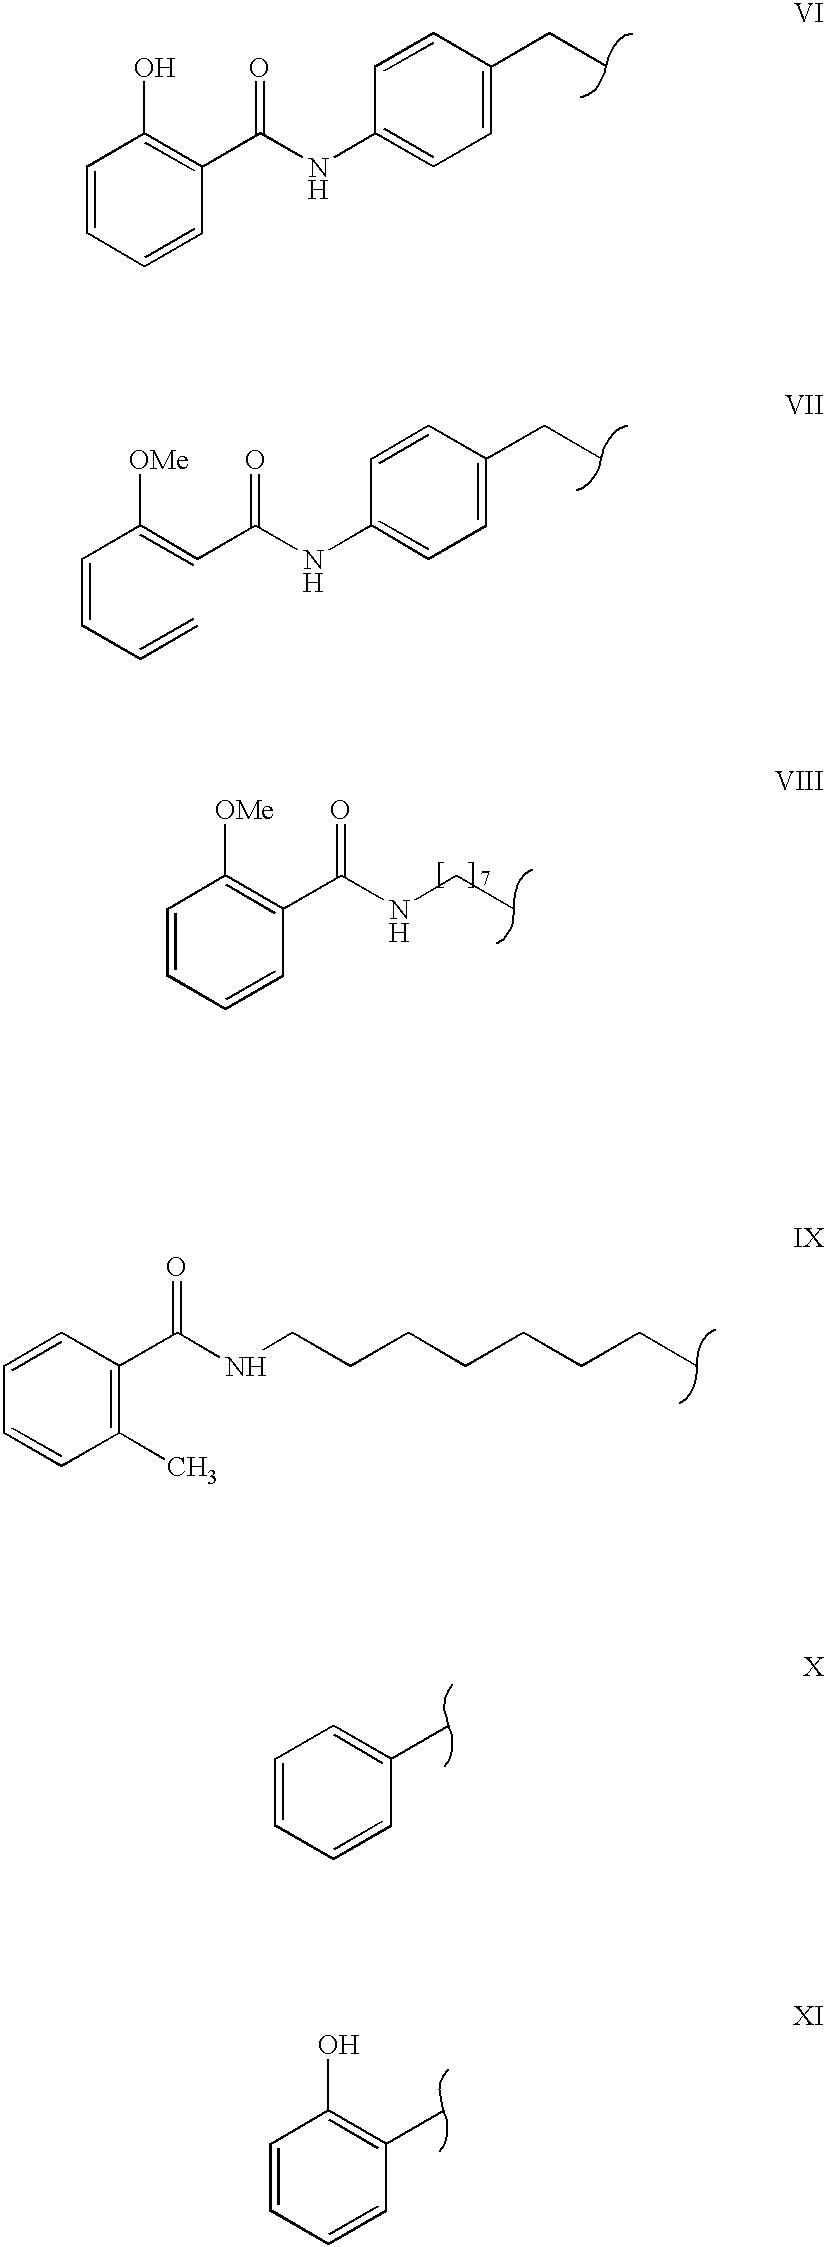 Figure US06627228-20030930-C00025